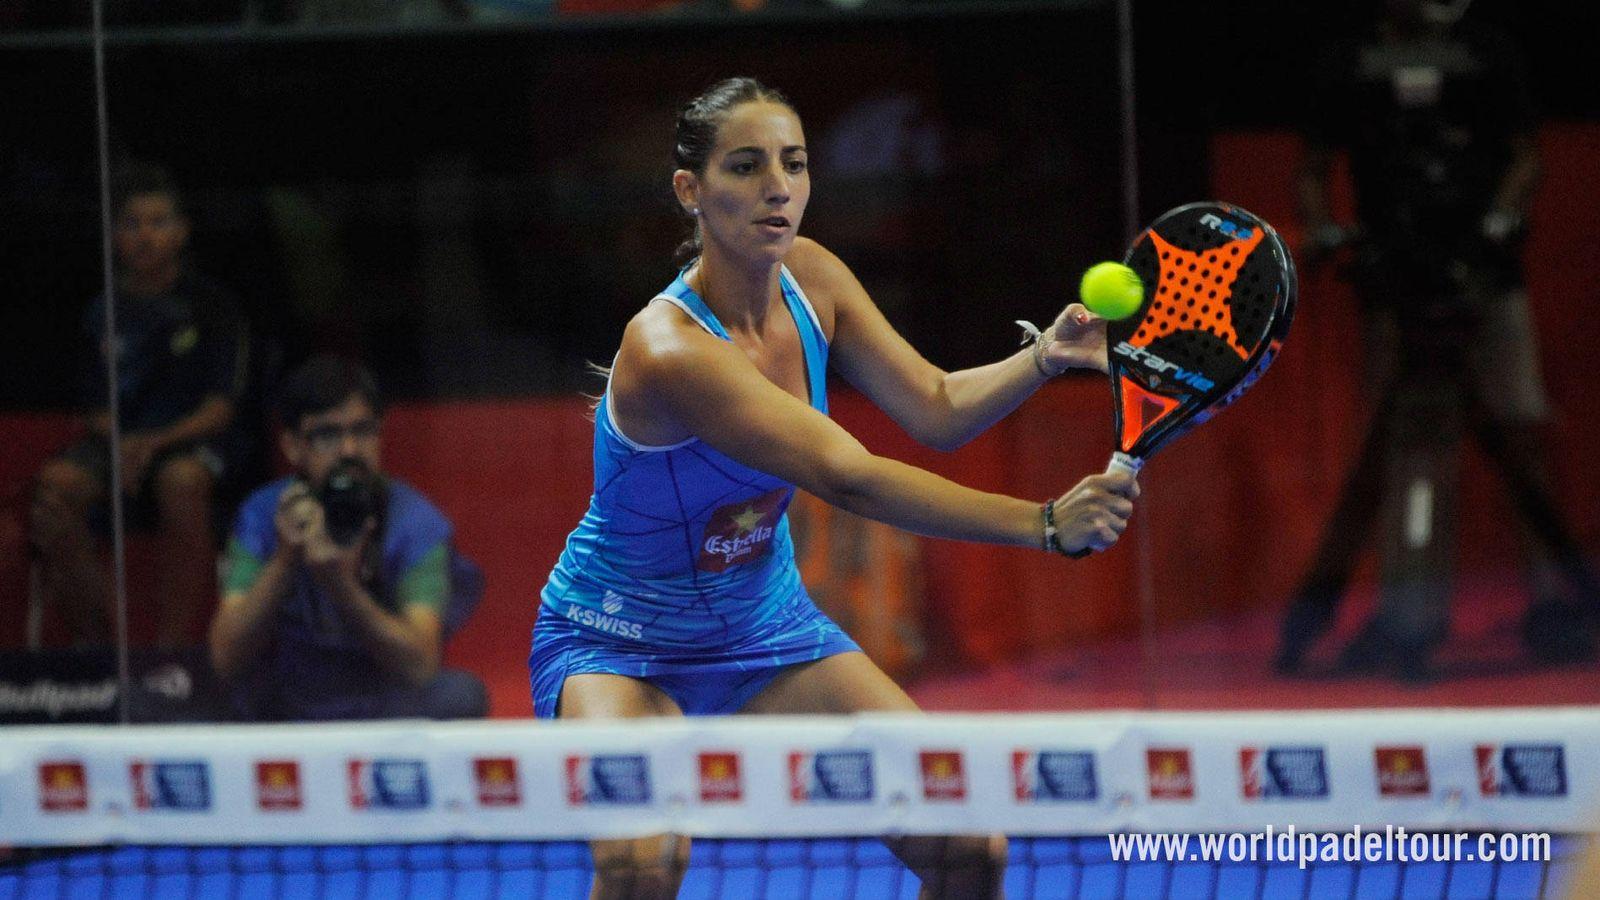 Foto: Teresa Navarro protagonizó el mejor punto de la jornada en el cuadro femenino del Alicante Open. (World Padel Tour)